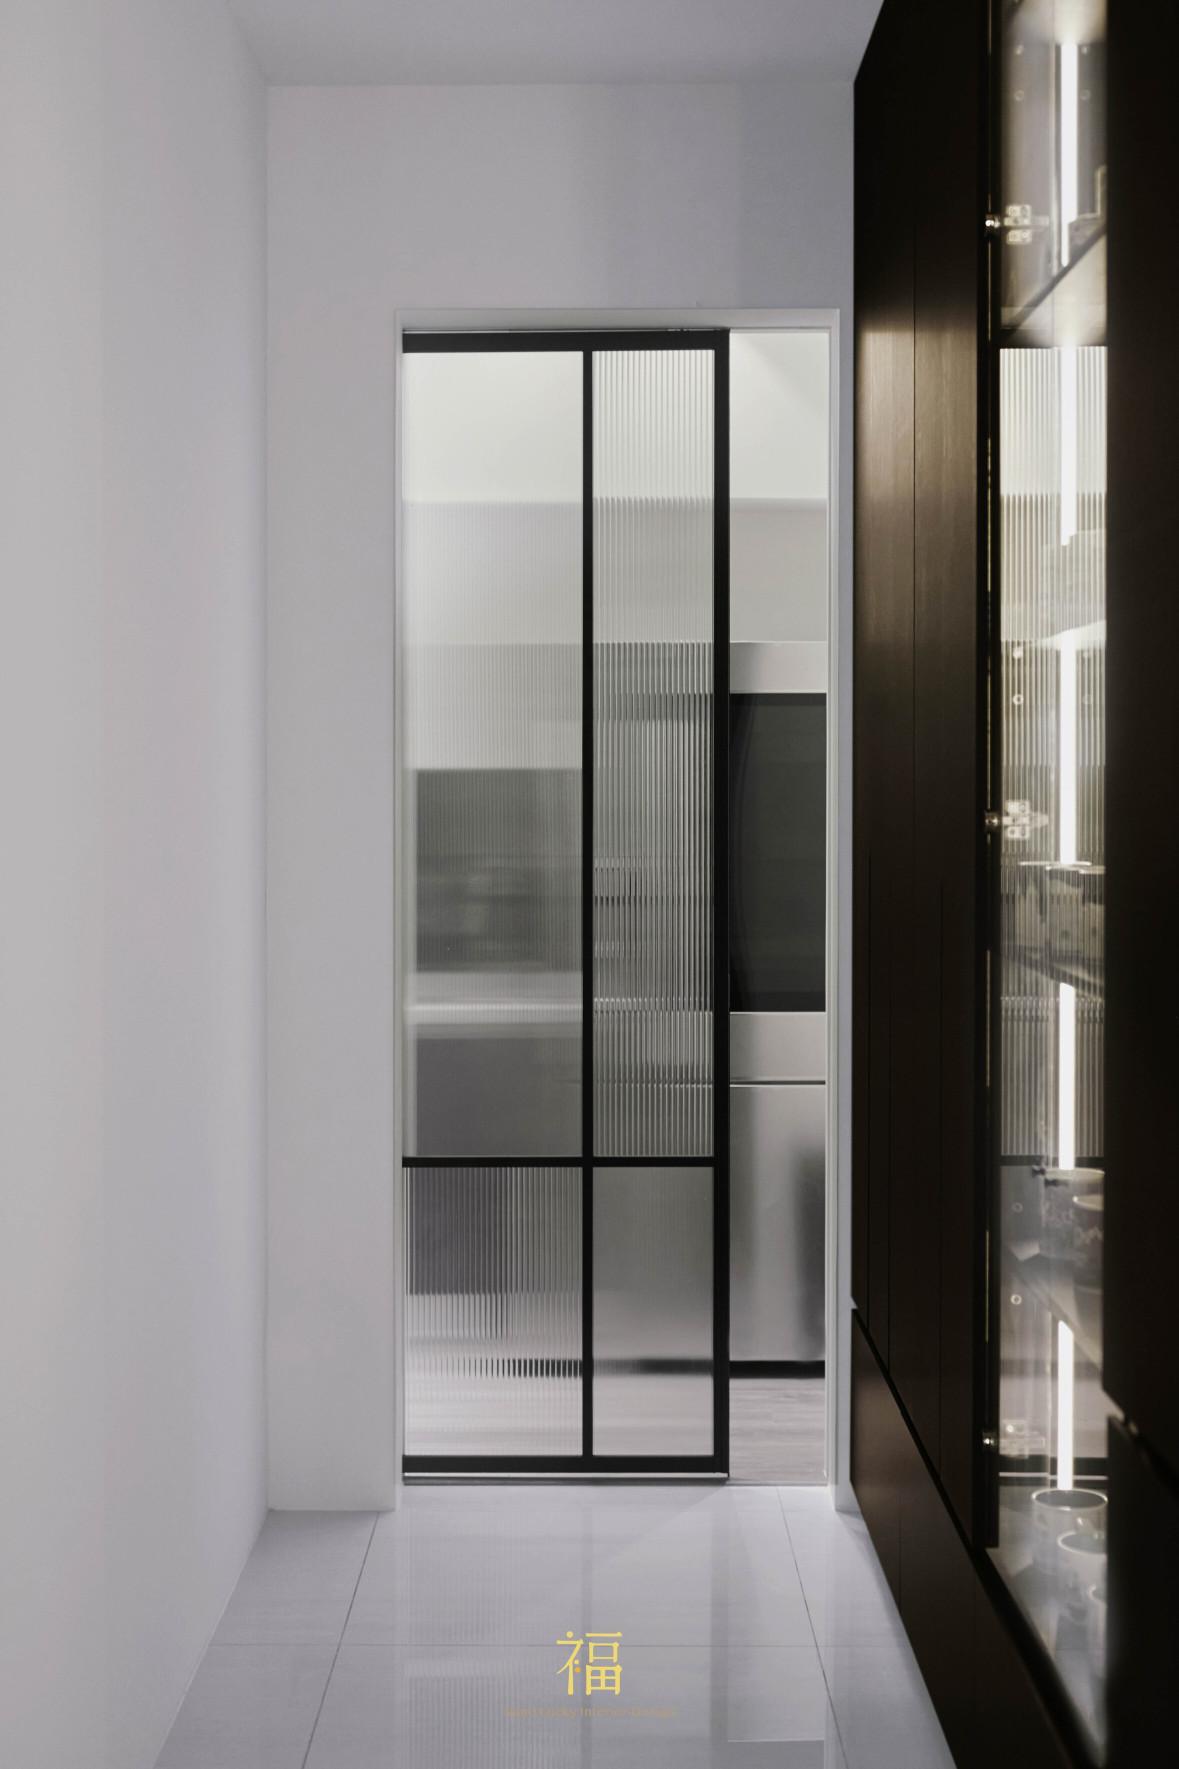 福宅雅居|隔間鐵件玻璃拉門|嘉義住宅空間設計